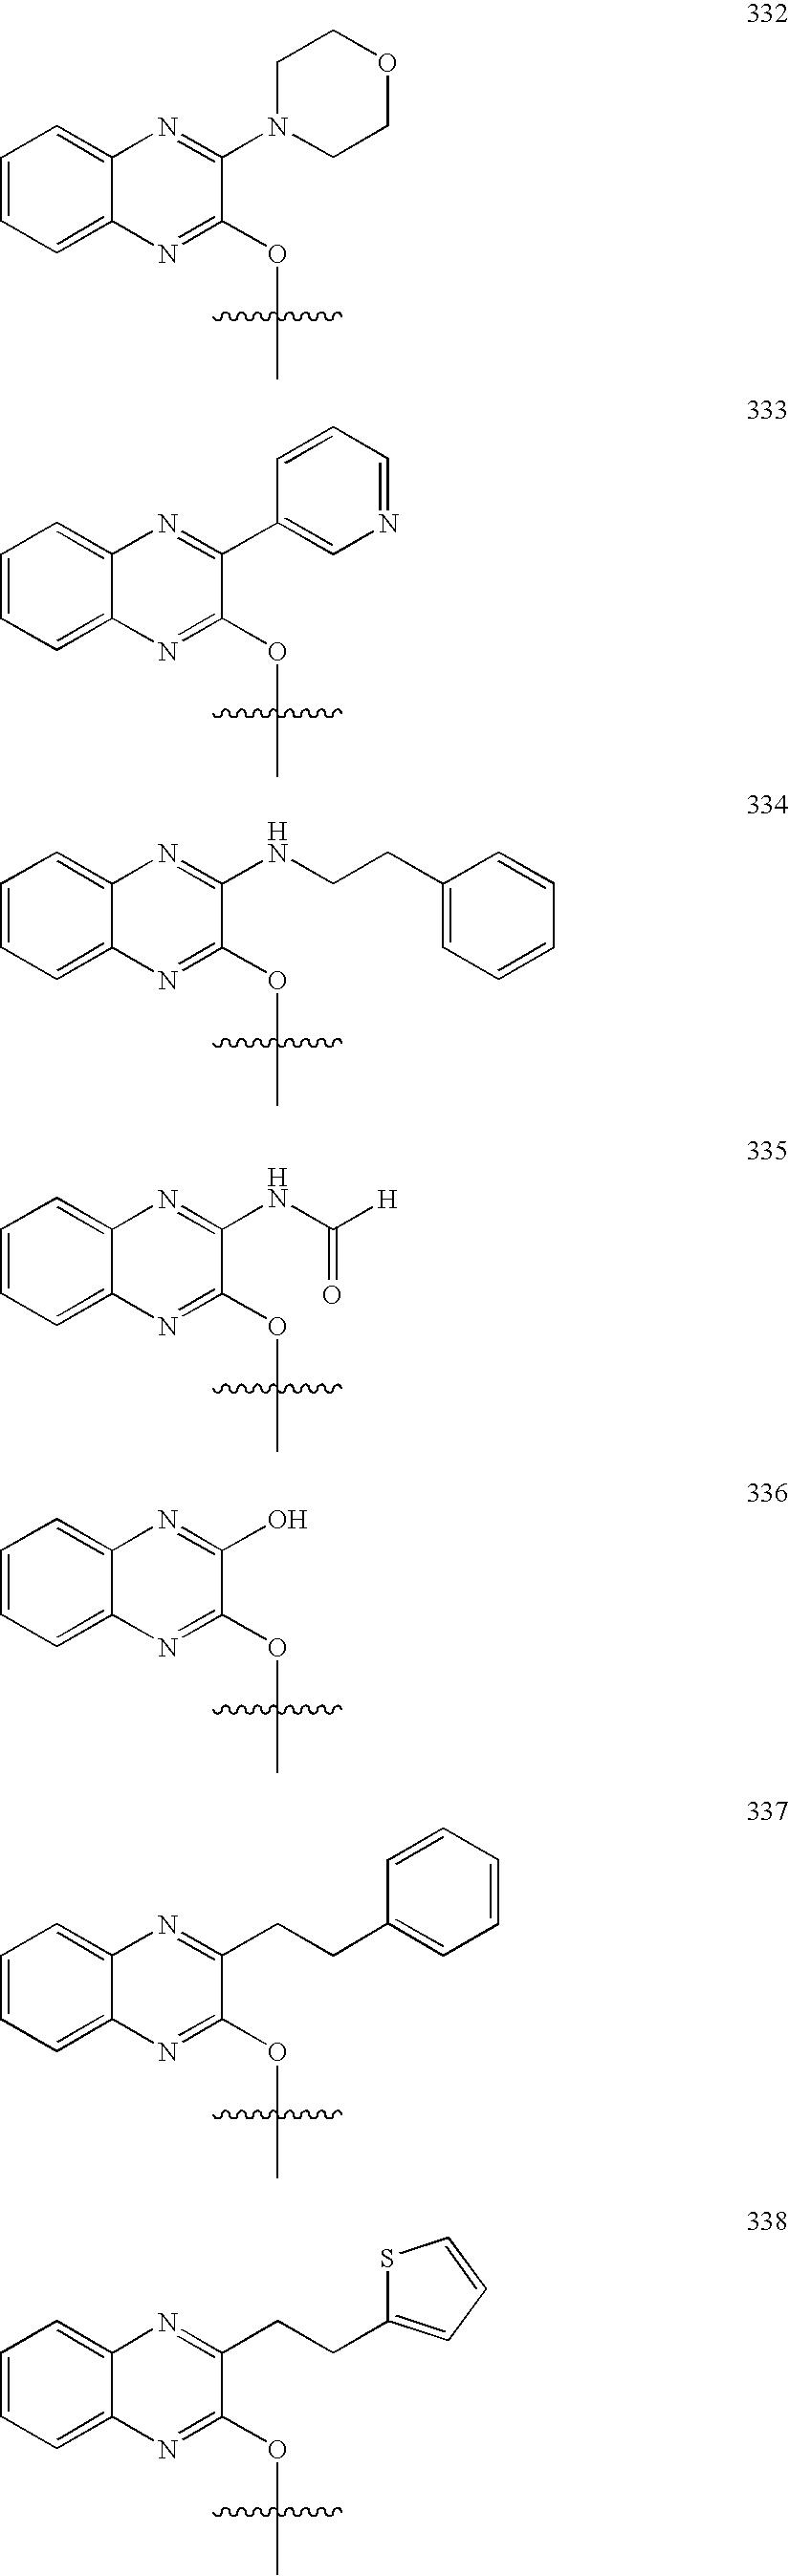 Figure US07368452-20080506-C00254